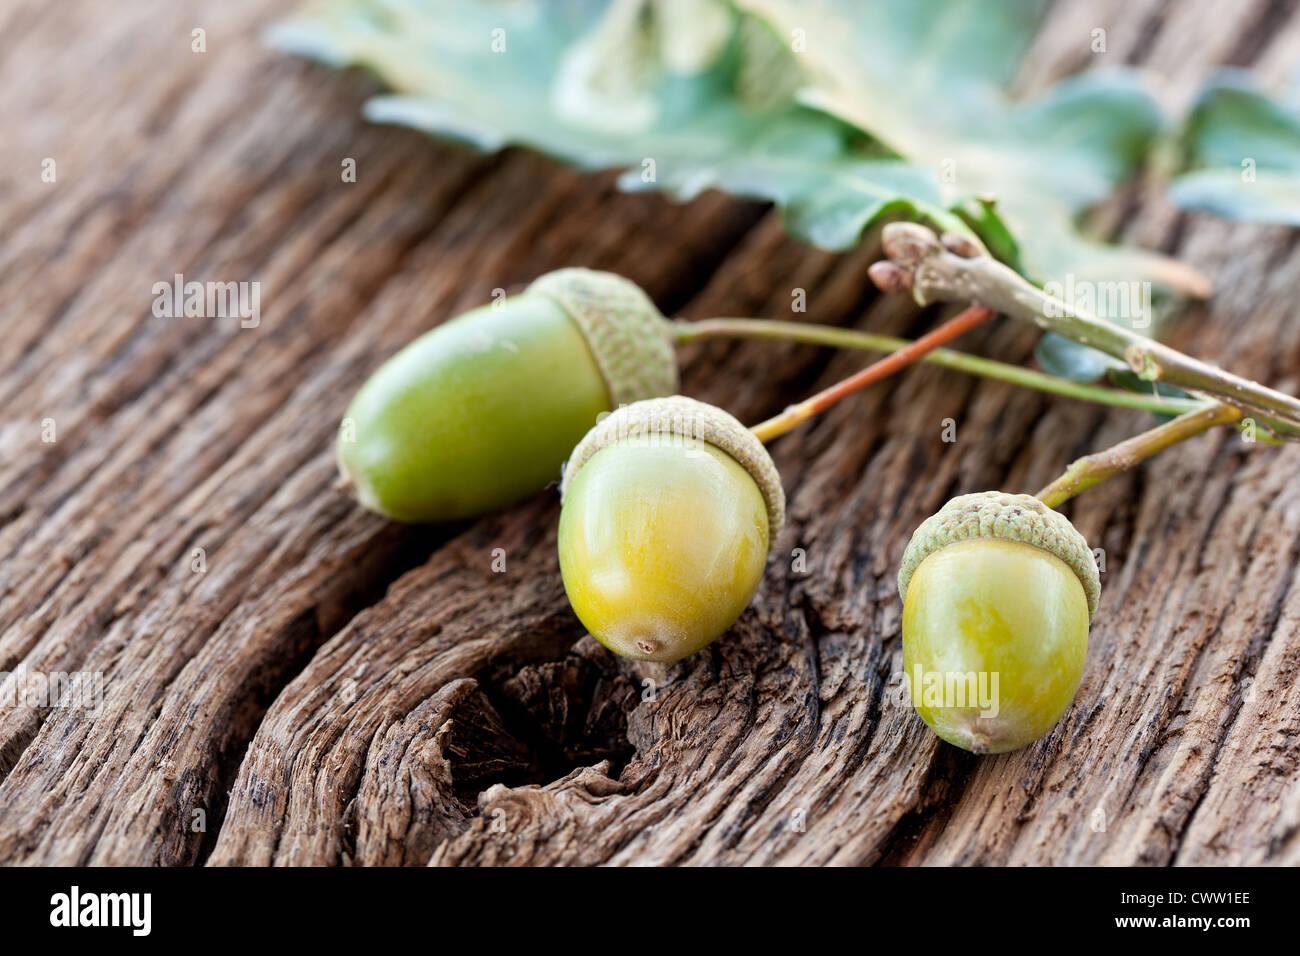 Eichel mit Blättern auf einem alten Holztisch Stockbild